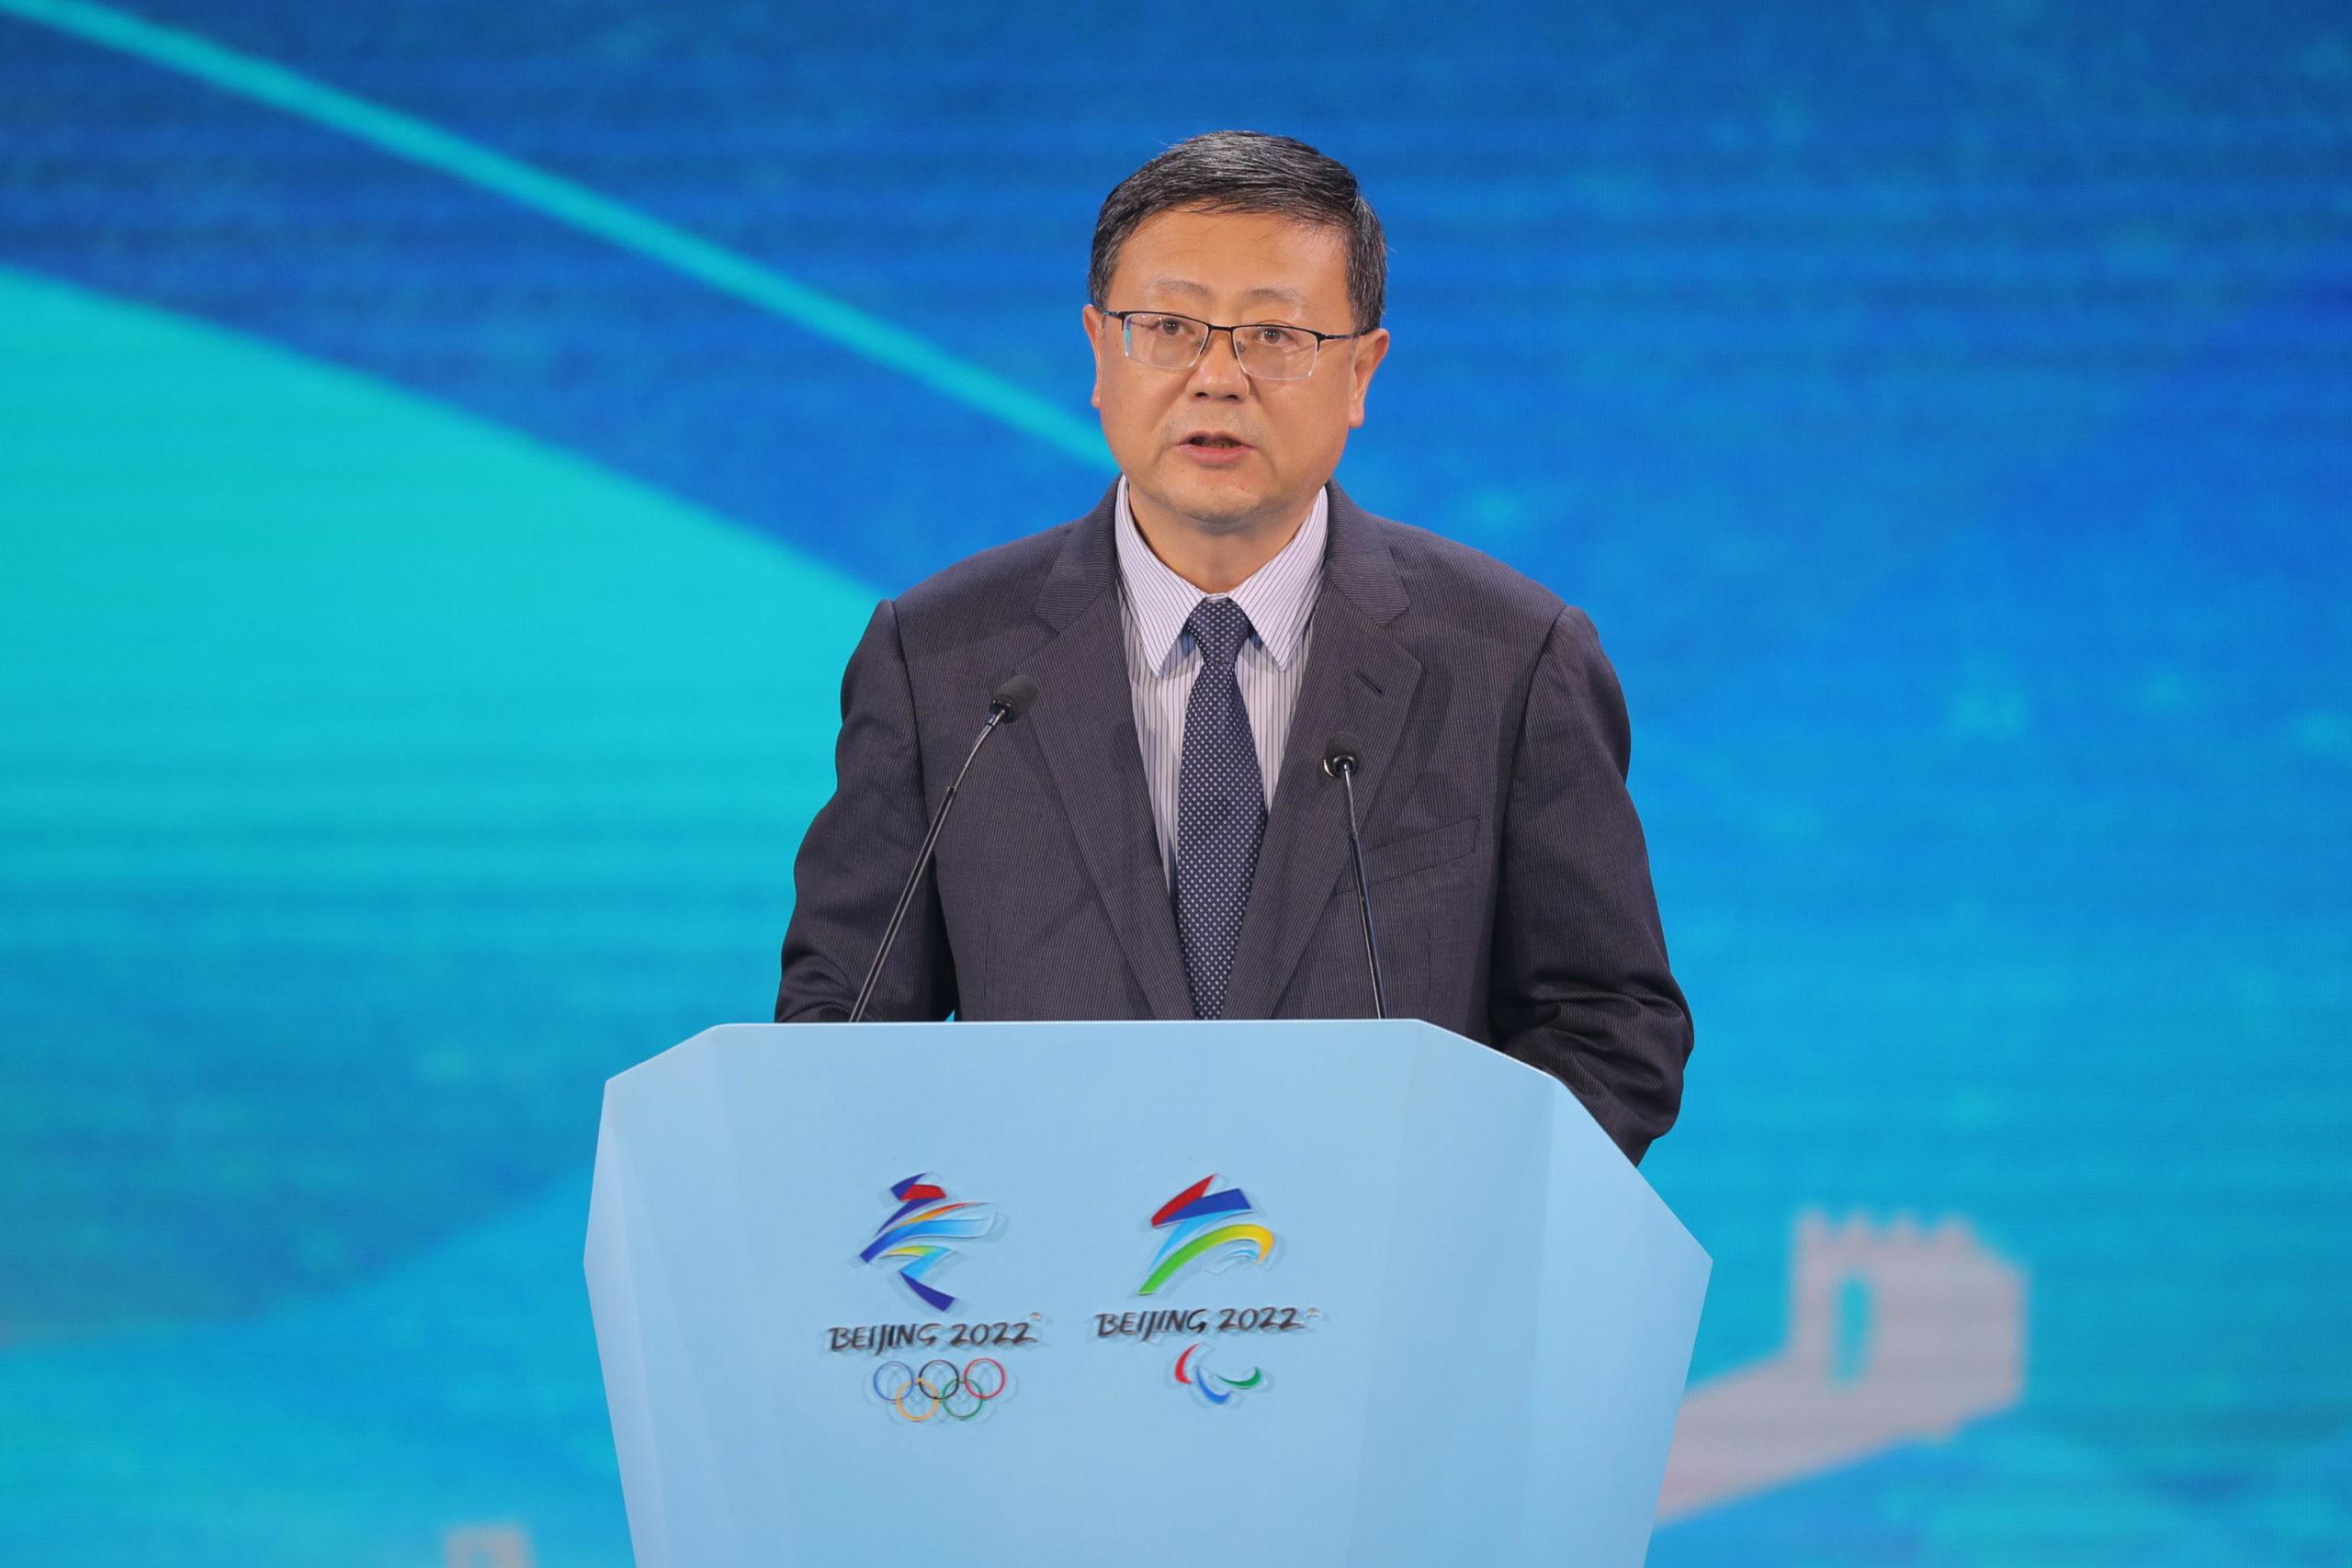 Chen Jining, sindaco di Pechino, al lancio dell'edizione delle Olimpiadi invernali